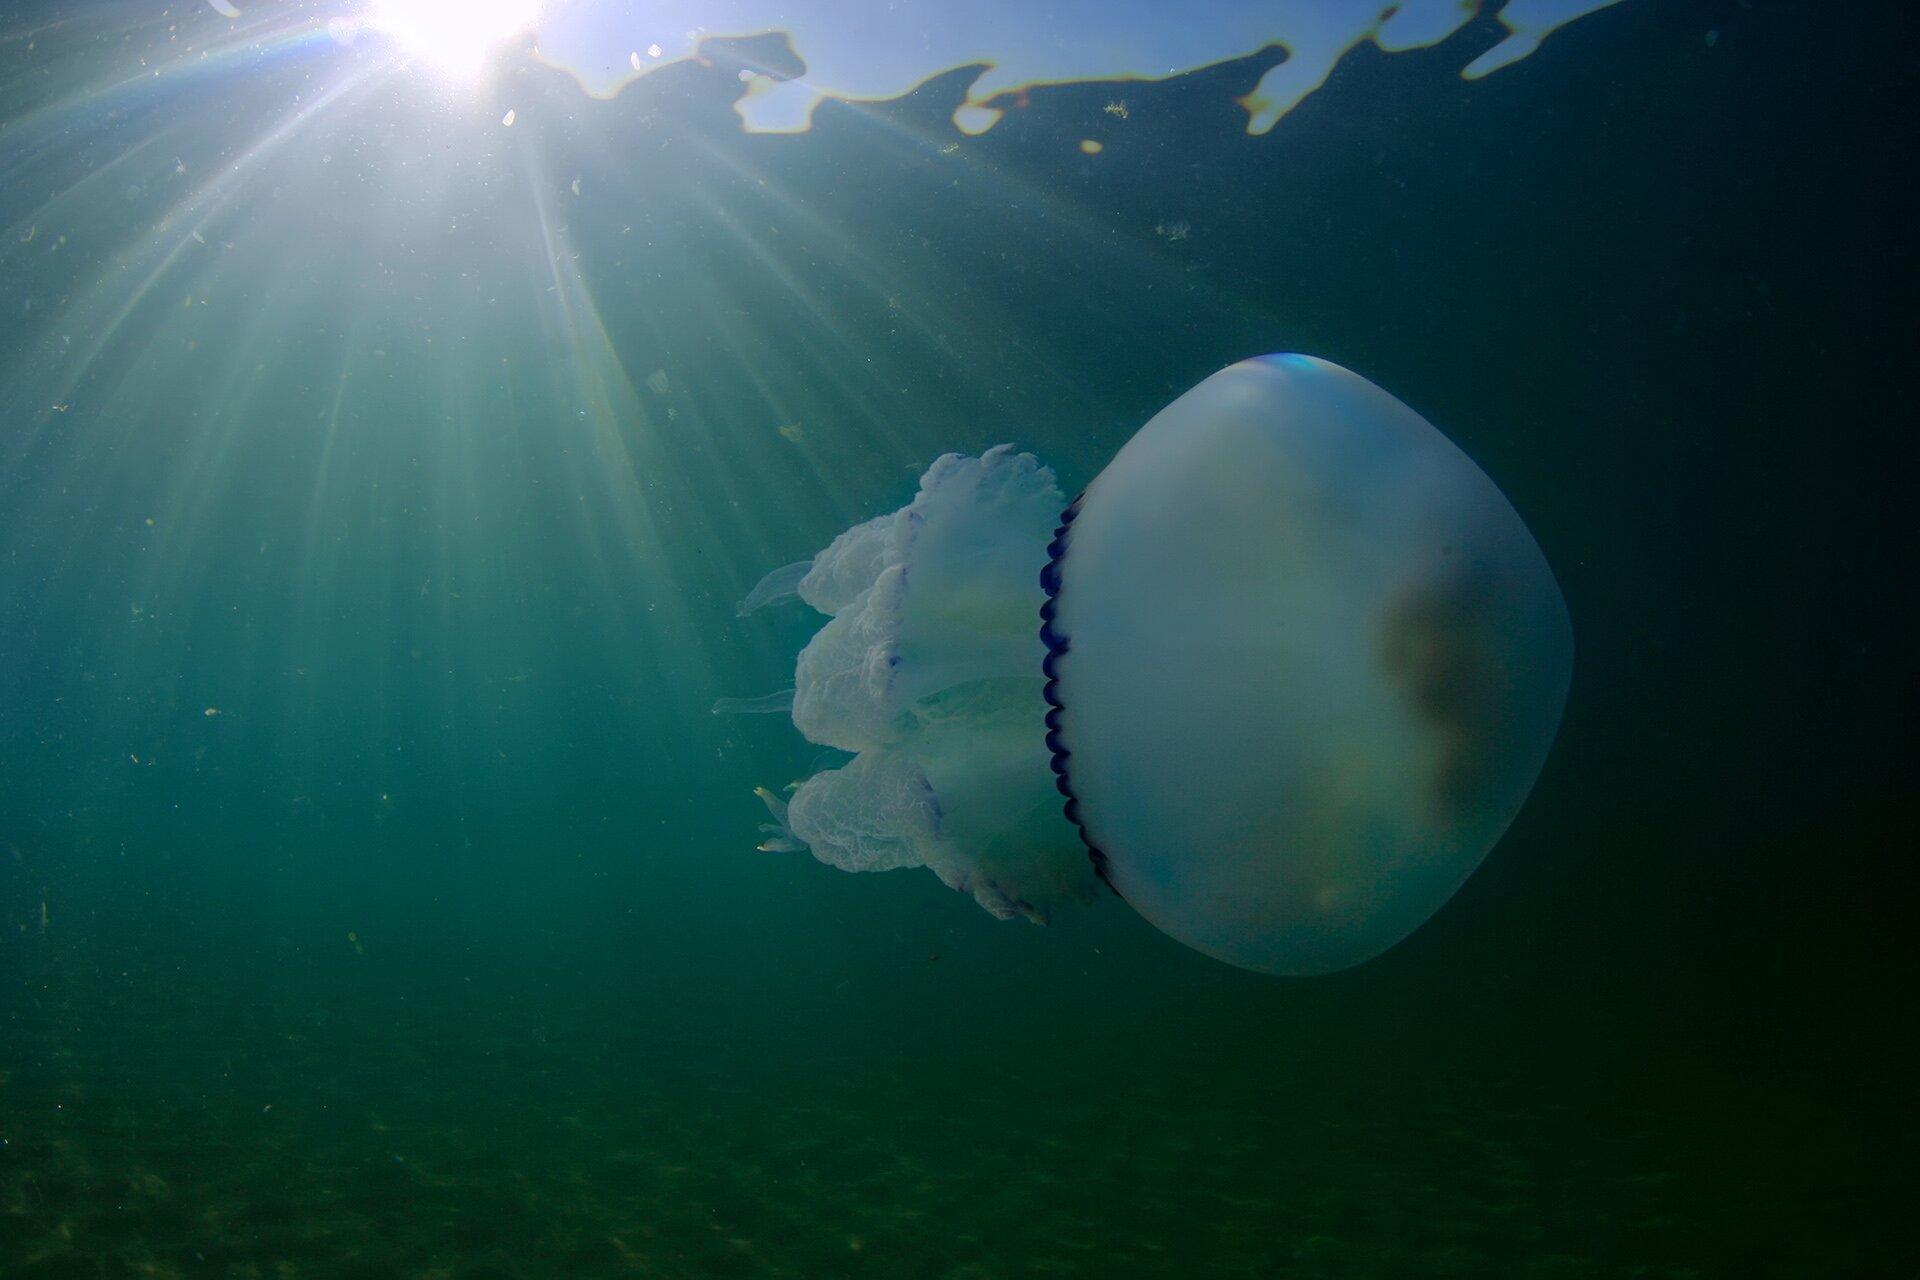 Новая экологическая катастрофа: море в Крыму стало серым